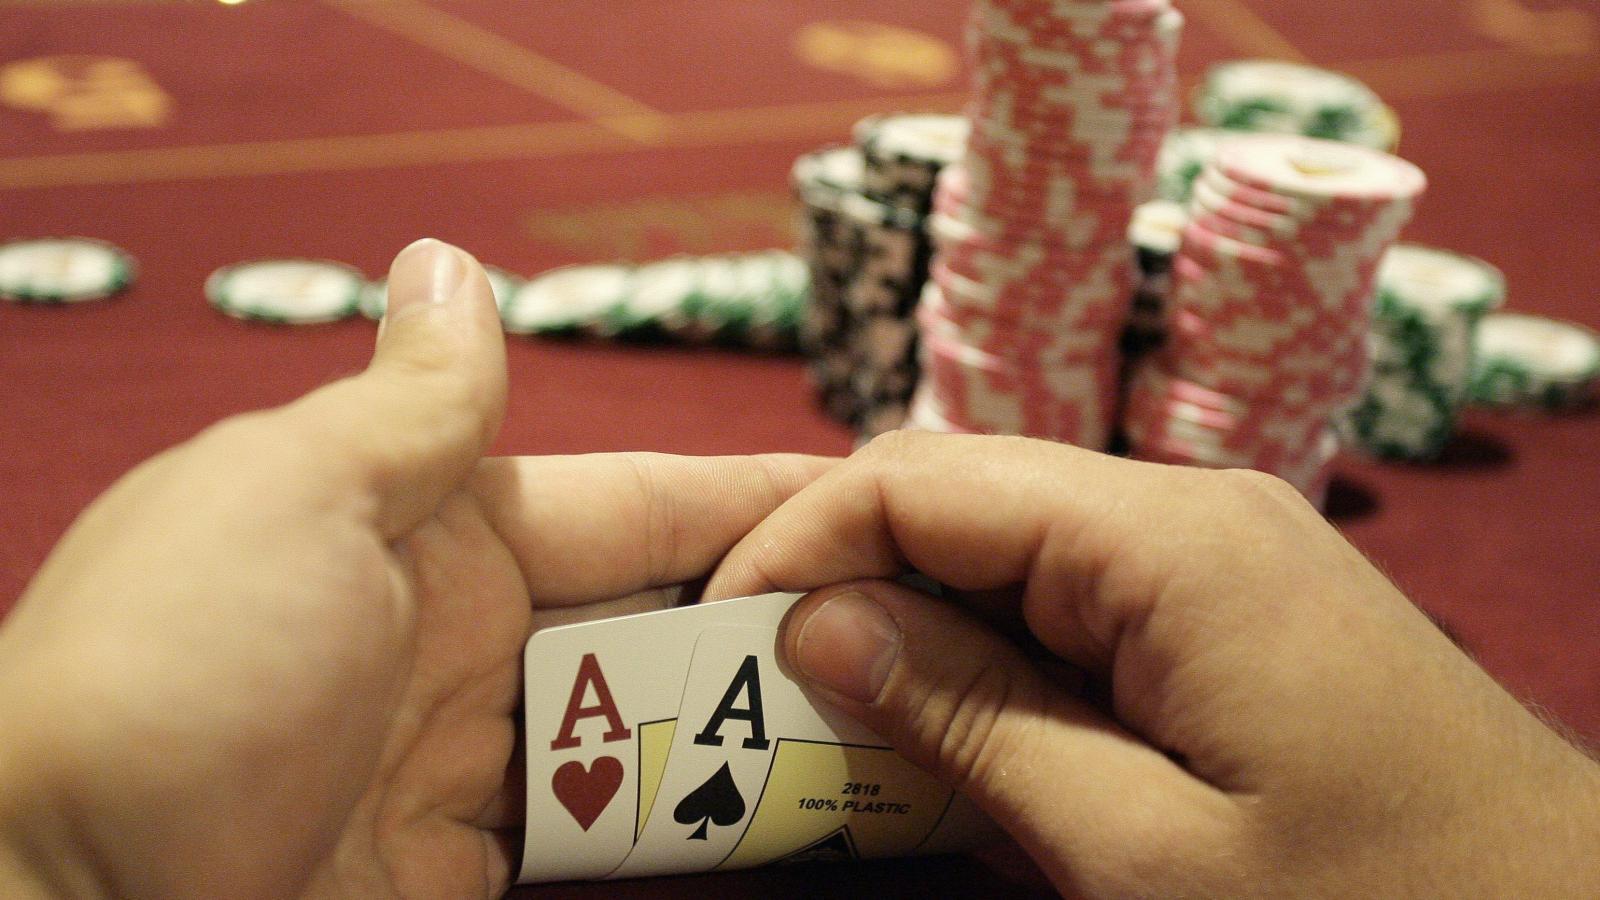 Land-Based Casinos Providing Fun